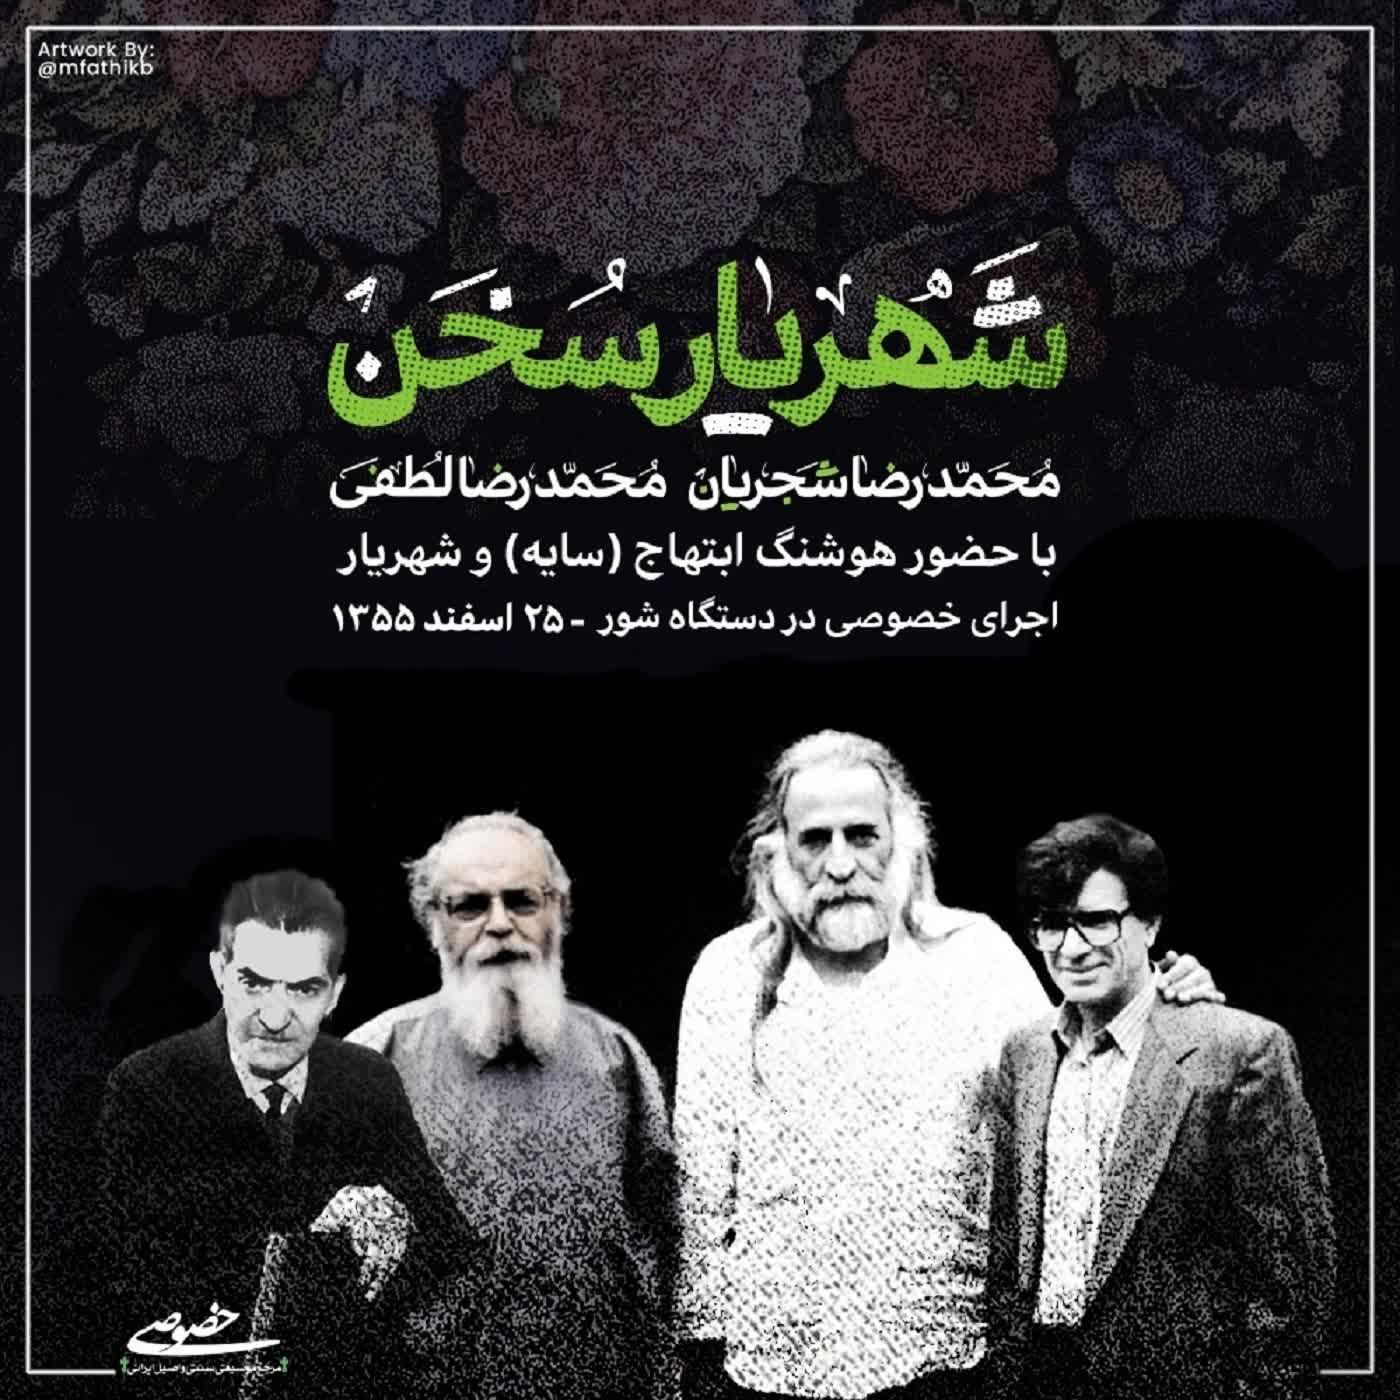 Shahriyar-E Sokhan – Shajarian, Lotfi, Shahriyar & Sayeh